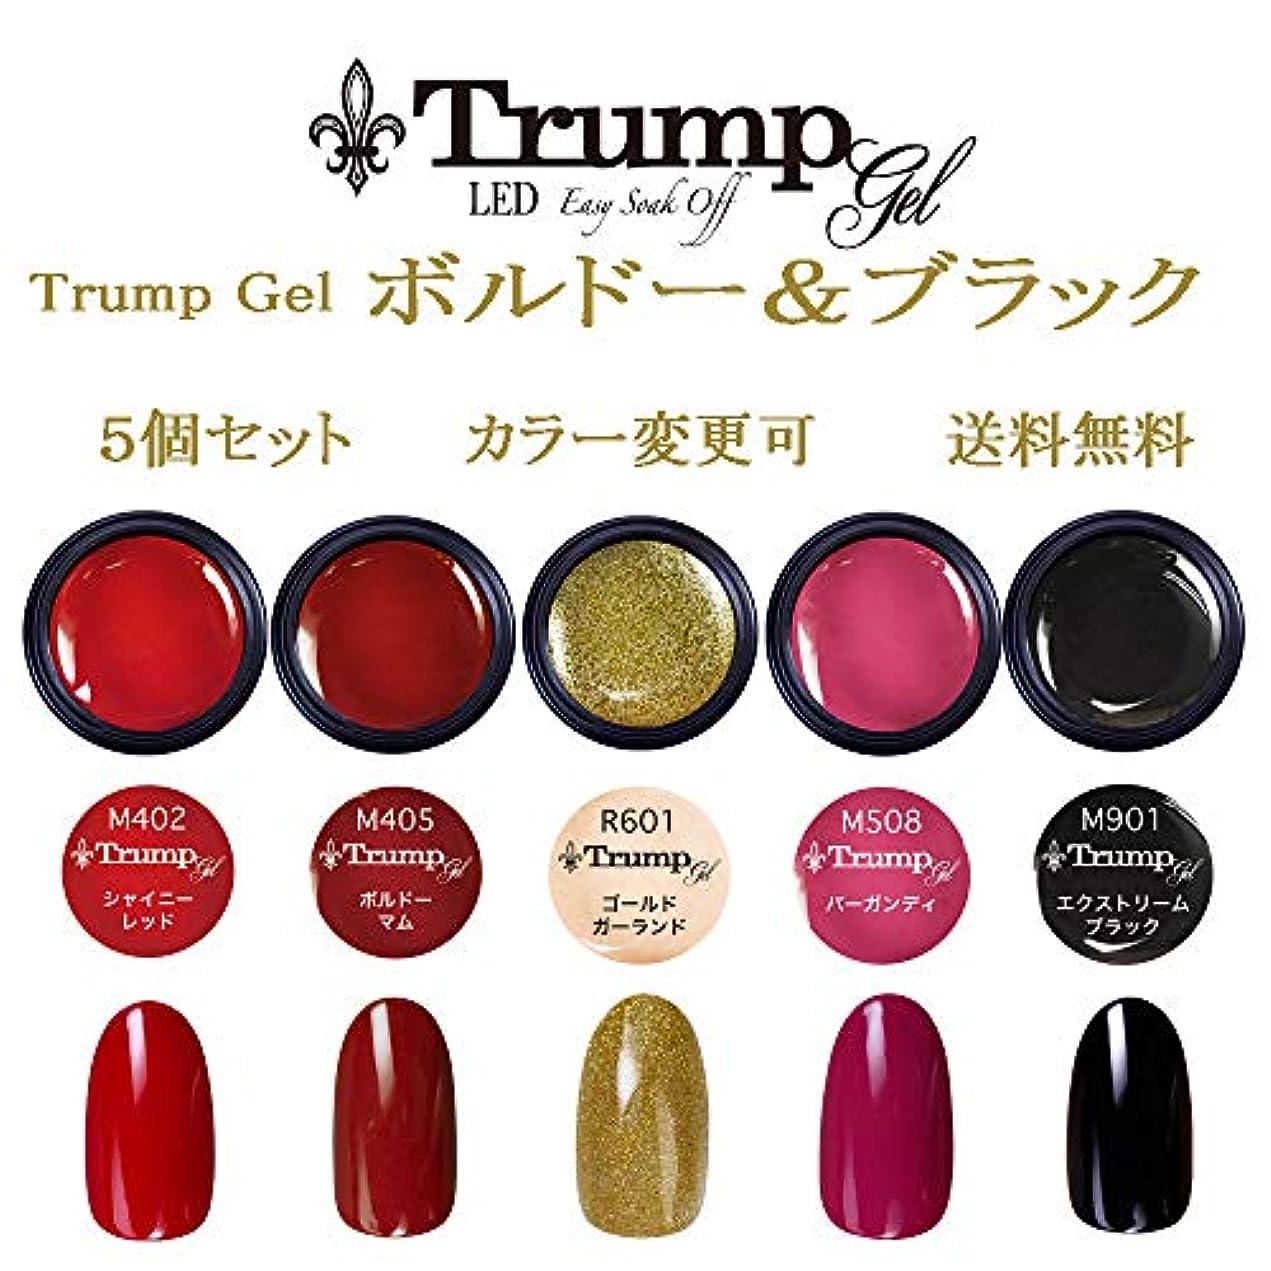 彼ら高める宣言日本製 Trump gel トランプジェル ボルドー & ブラック ネイル 選べる カラージェル 5個セット ワイン ボルドー ゴールド パープル ブラック